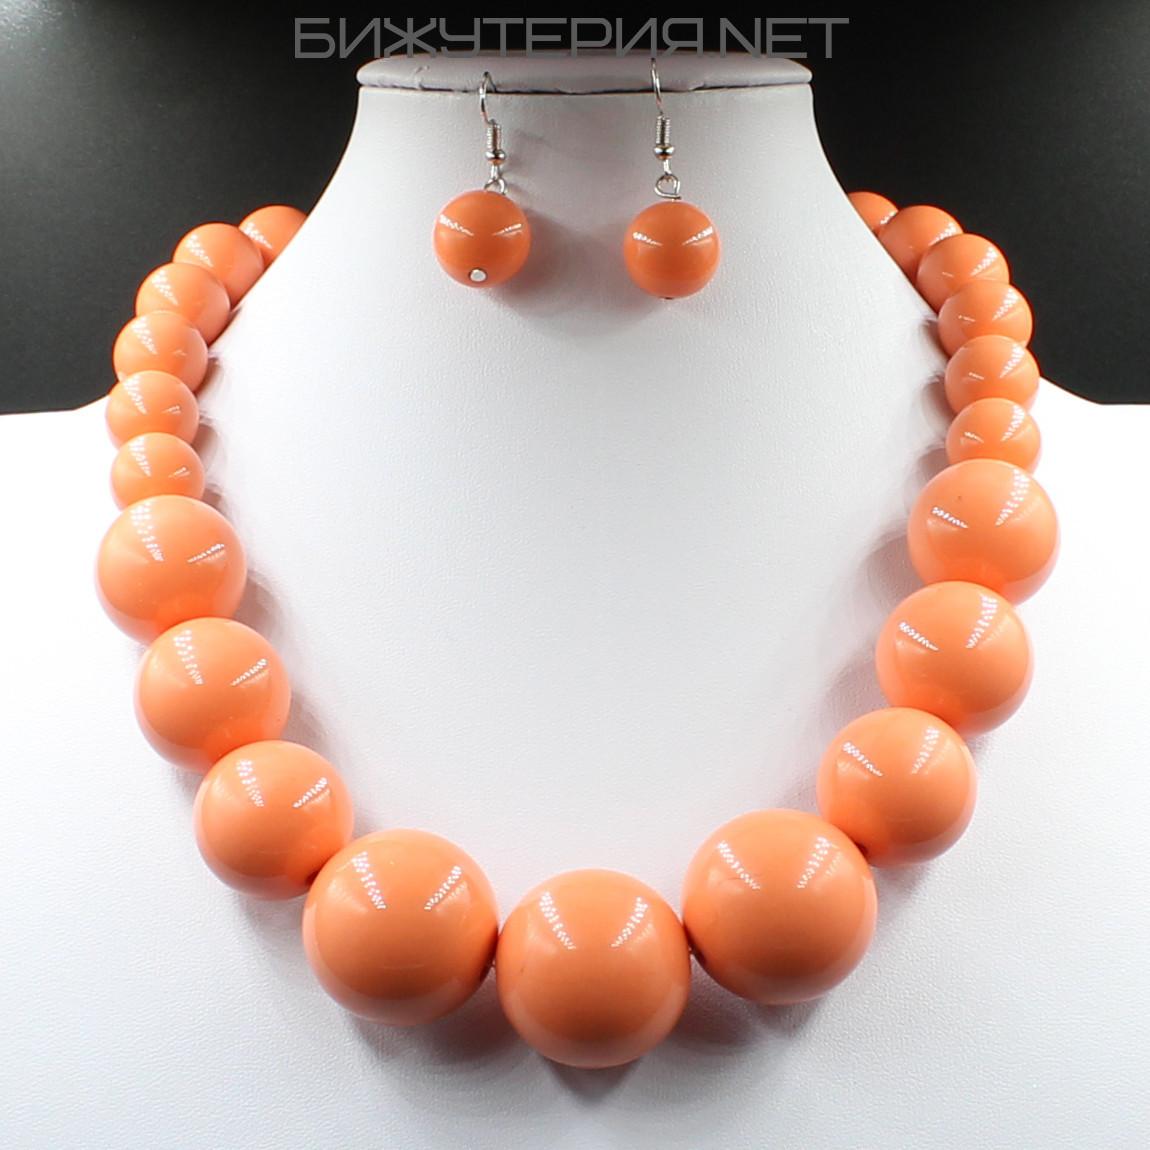 Комплект бижутерии Колье и серьги из искусственного жемчуга оранжевого цвета - 1070350992